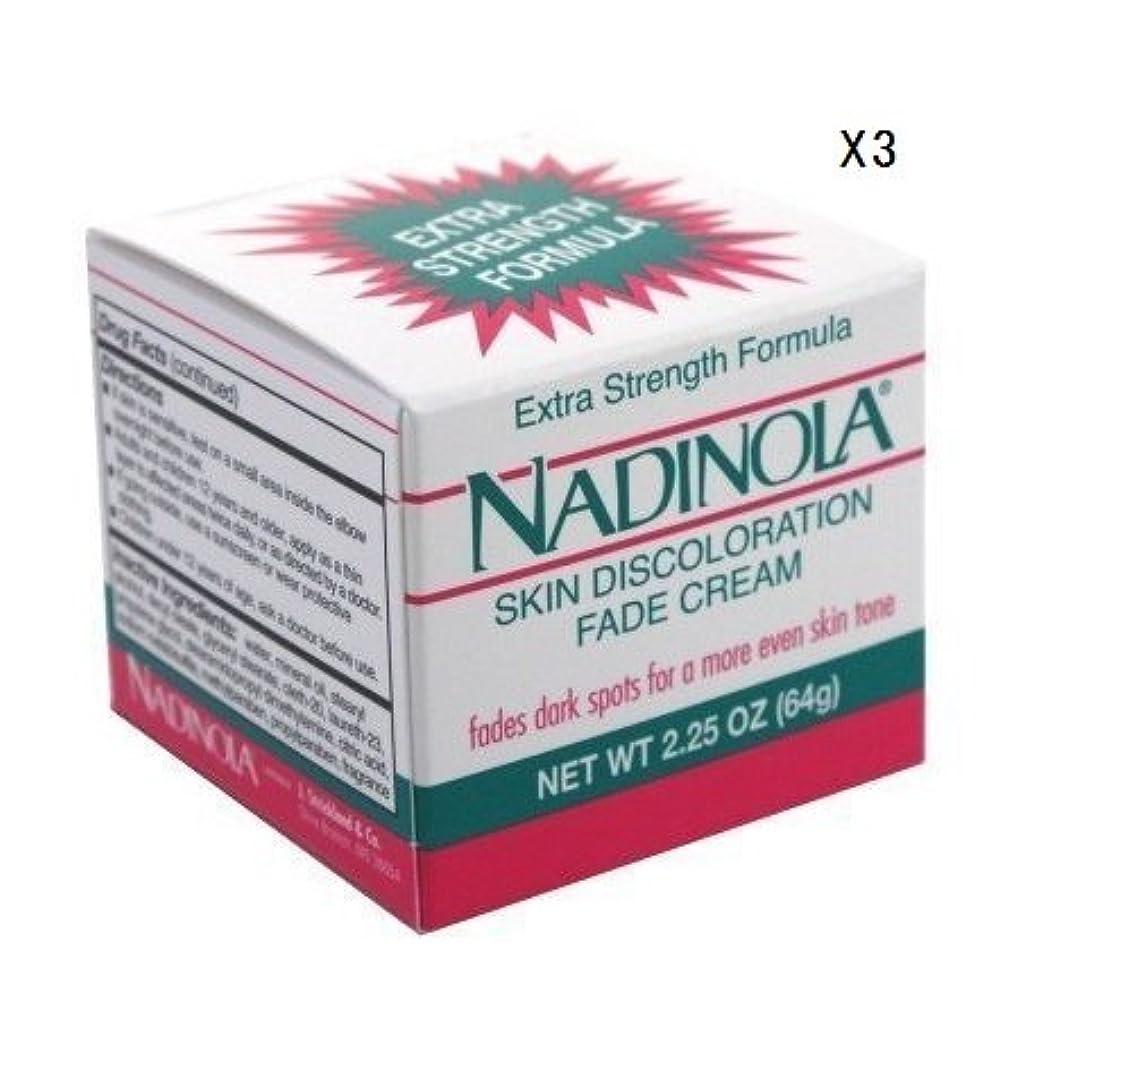 公然とスイオーク(海外直送品)強力美白クリーム (64g)ナディノラ Nadolina Skin Bleach - Extra Strength 2.25 Oz. (Pack of 3) by Nadinola